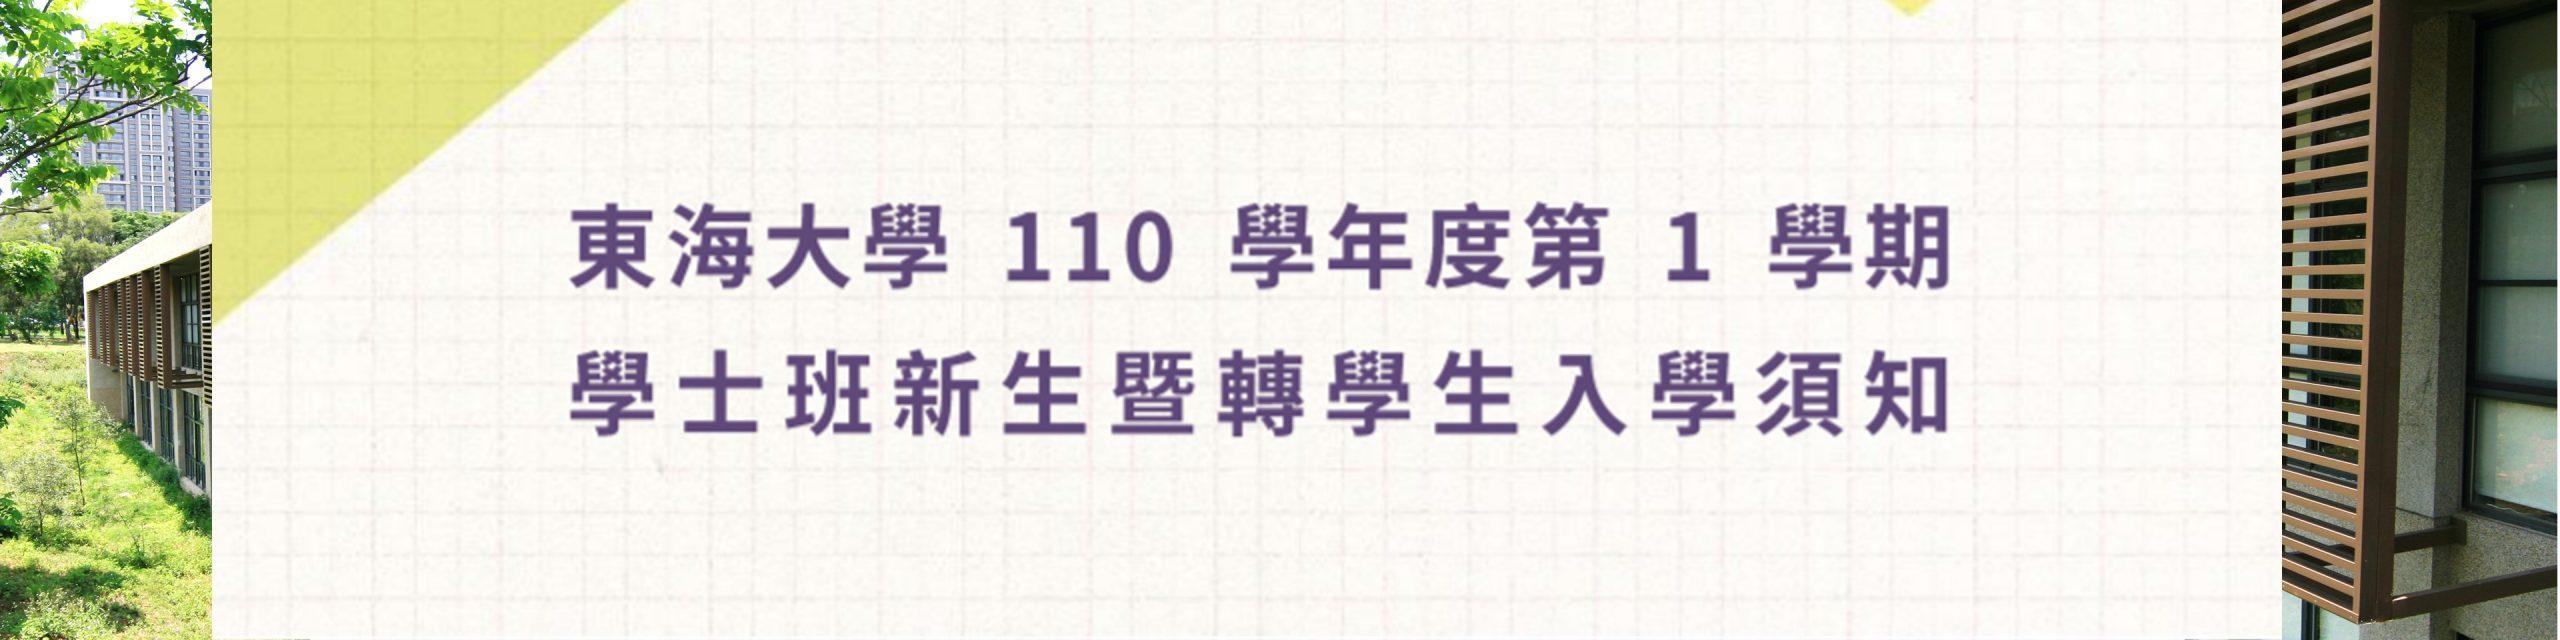 110-1新生入學